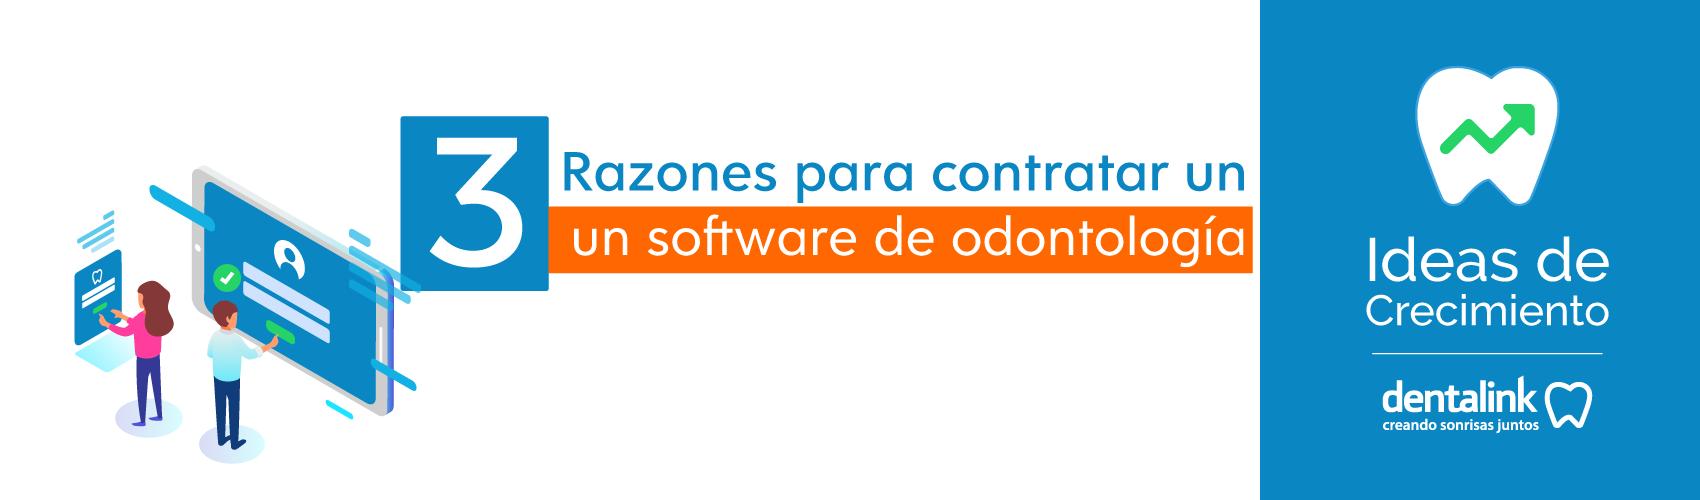 3 Razones para contratar un software de odontología